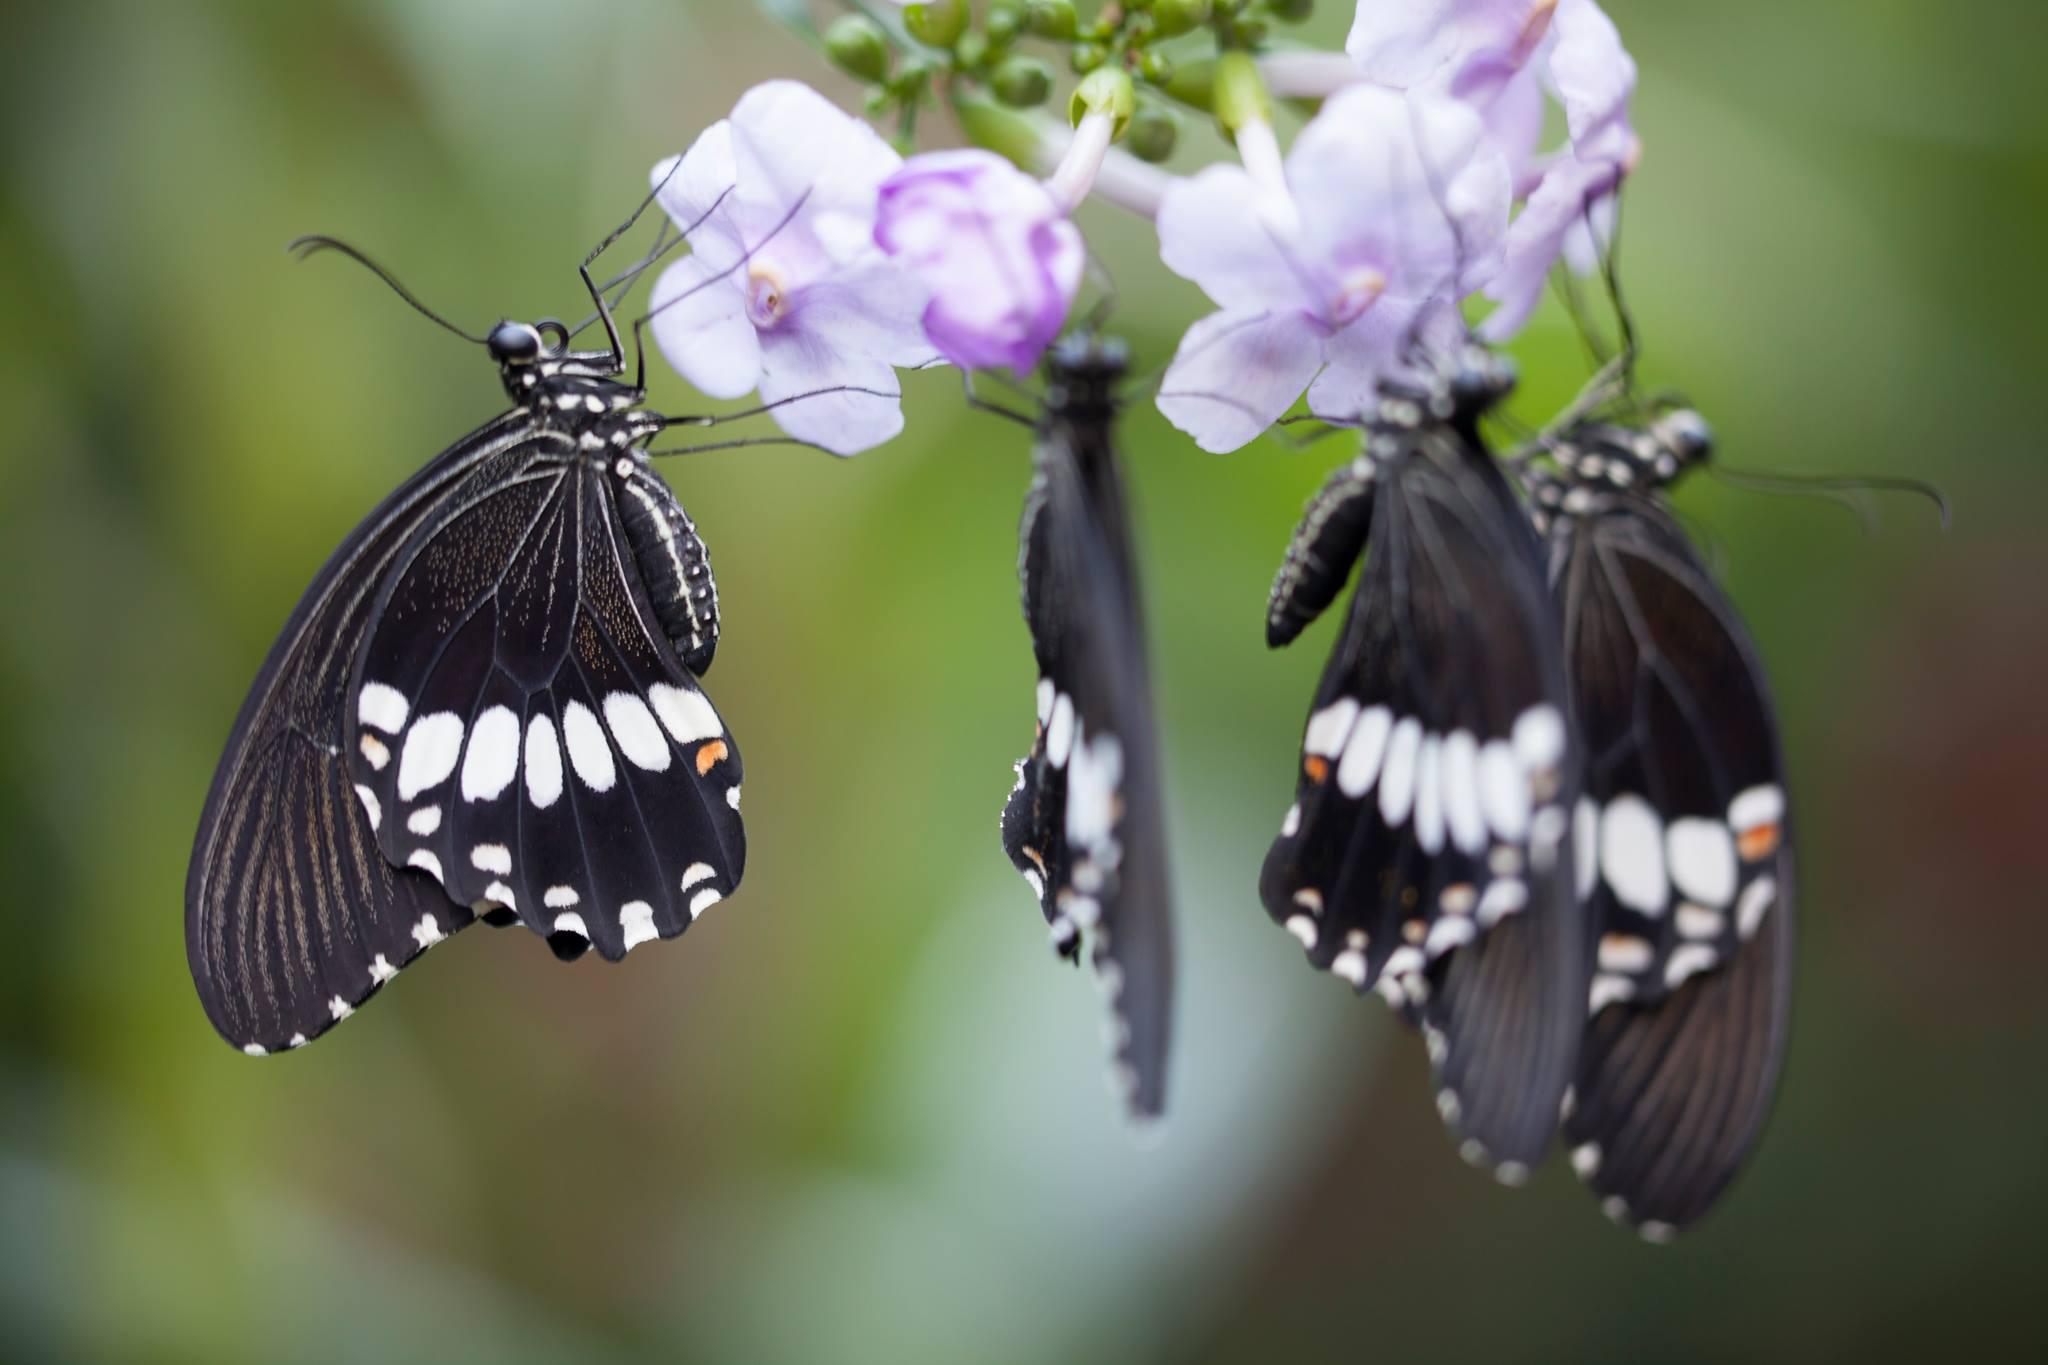 圖片取自Palawan Butterfly Eco-Garden and Tribal Village官方FB粉絲團